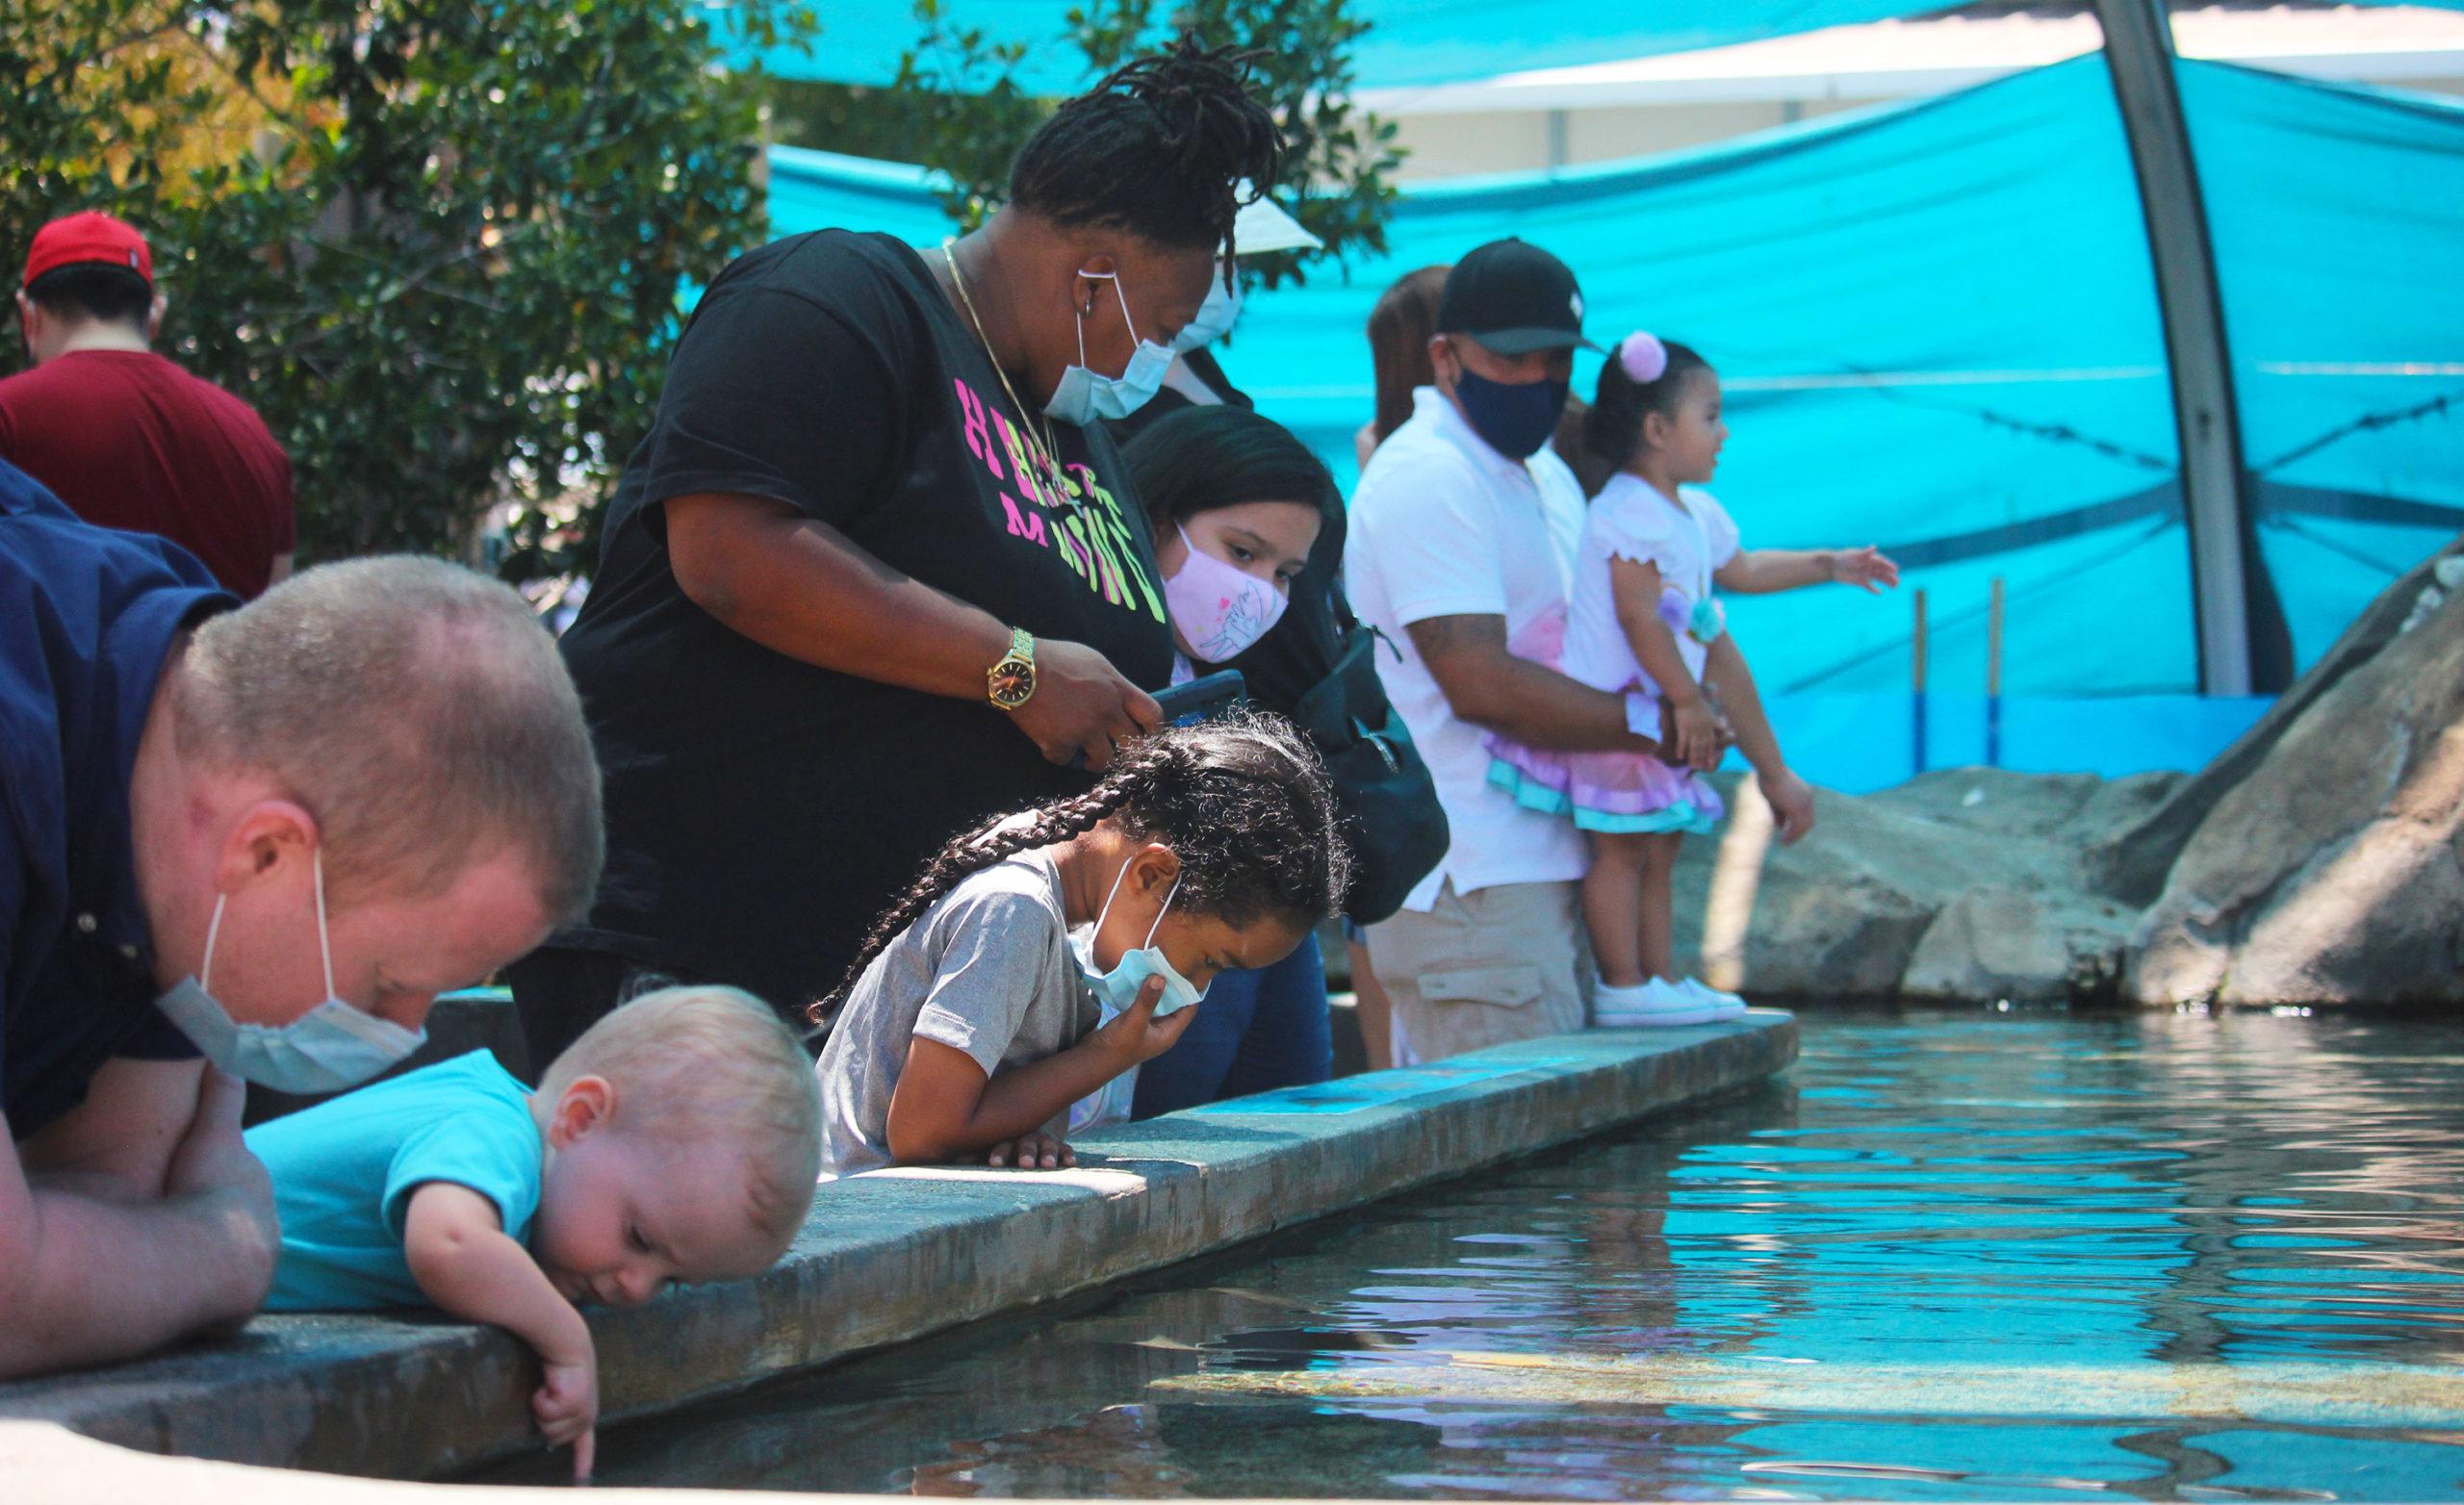 长滩市为鼓励民众接种新冠疫苗赠送水族馆门票